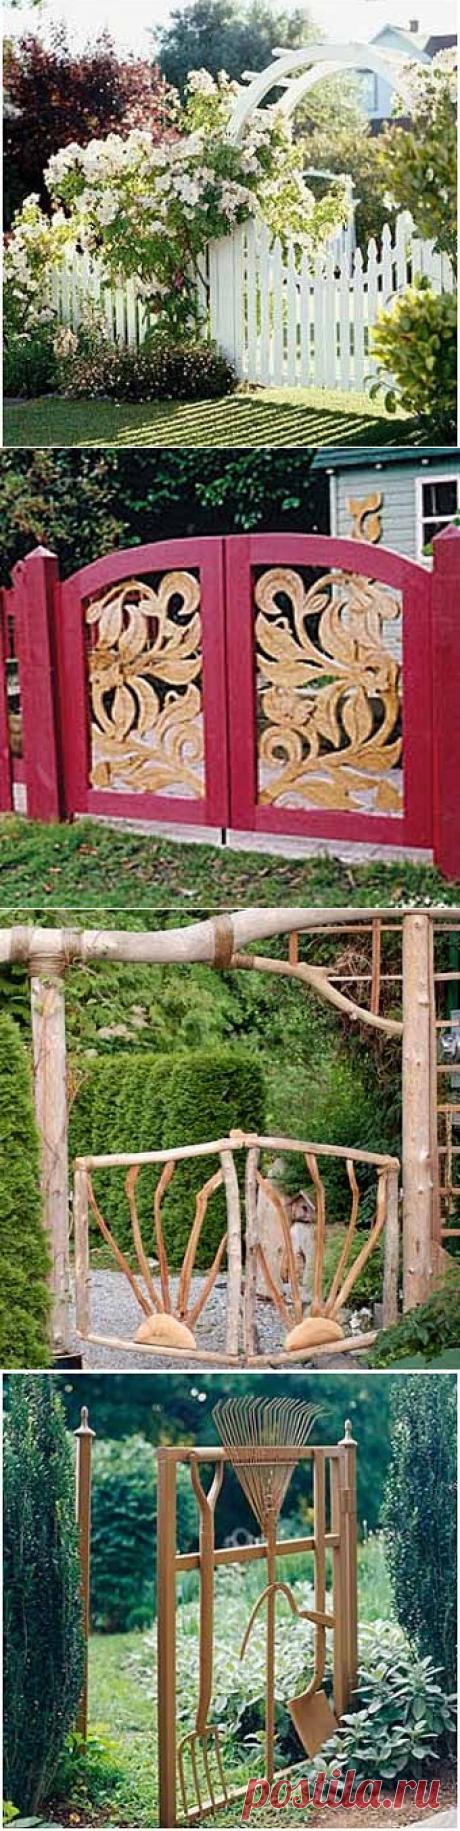 Идеи дизайна для дачи: красивые садовые калитки